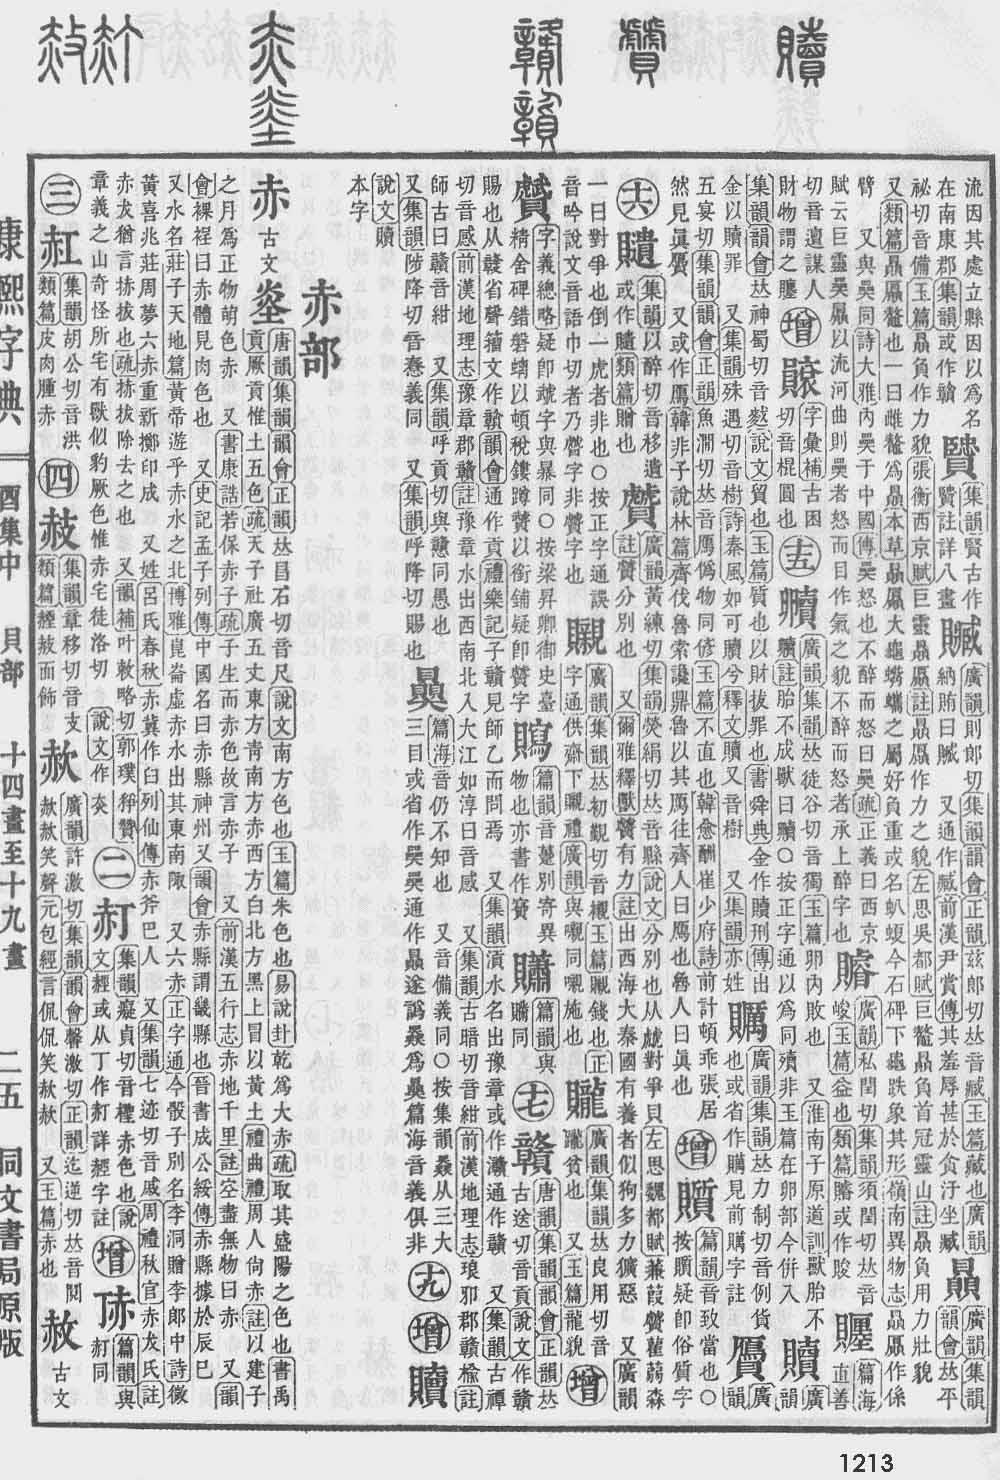 《康熙字典》第1213页